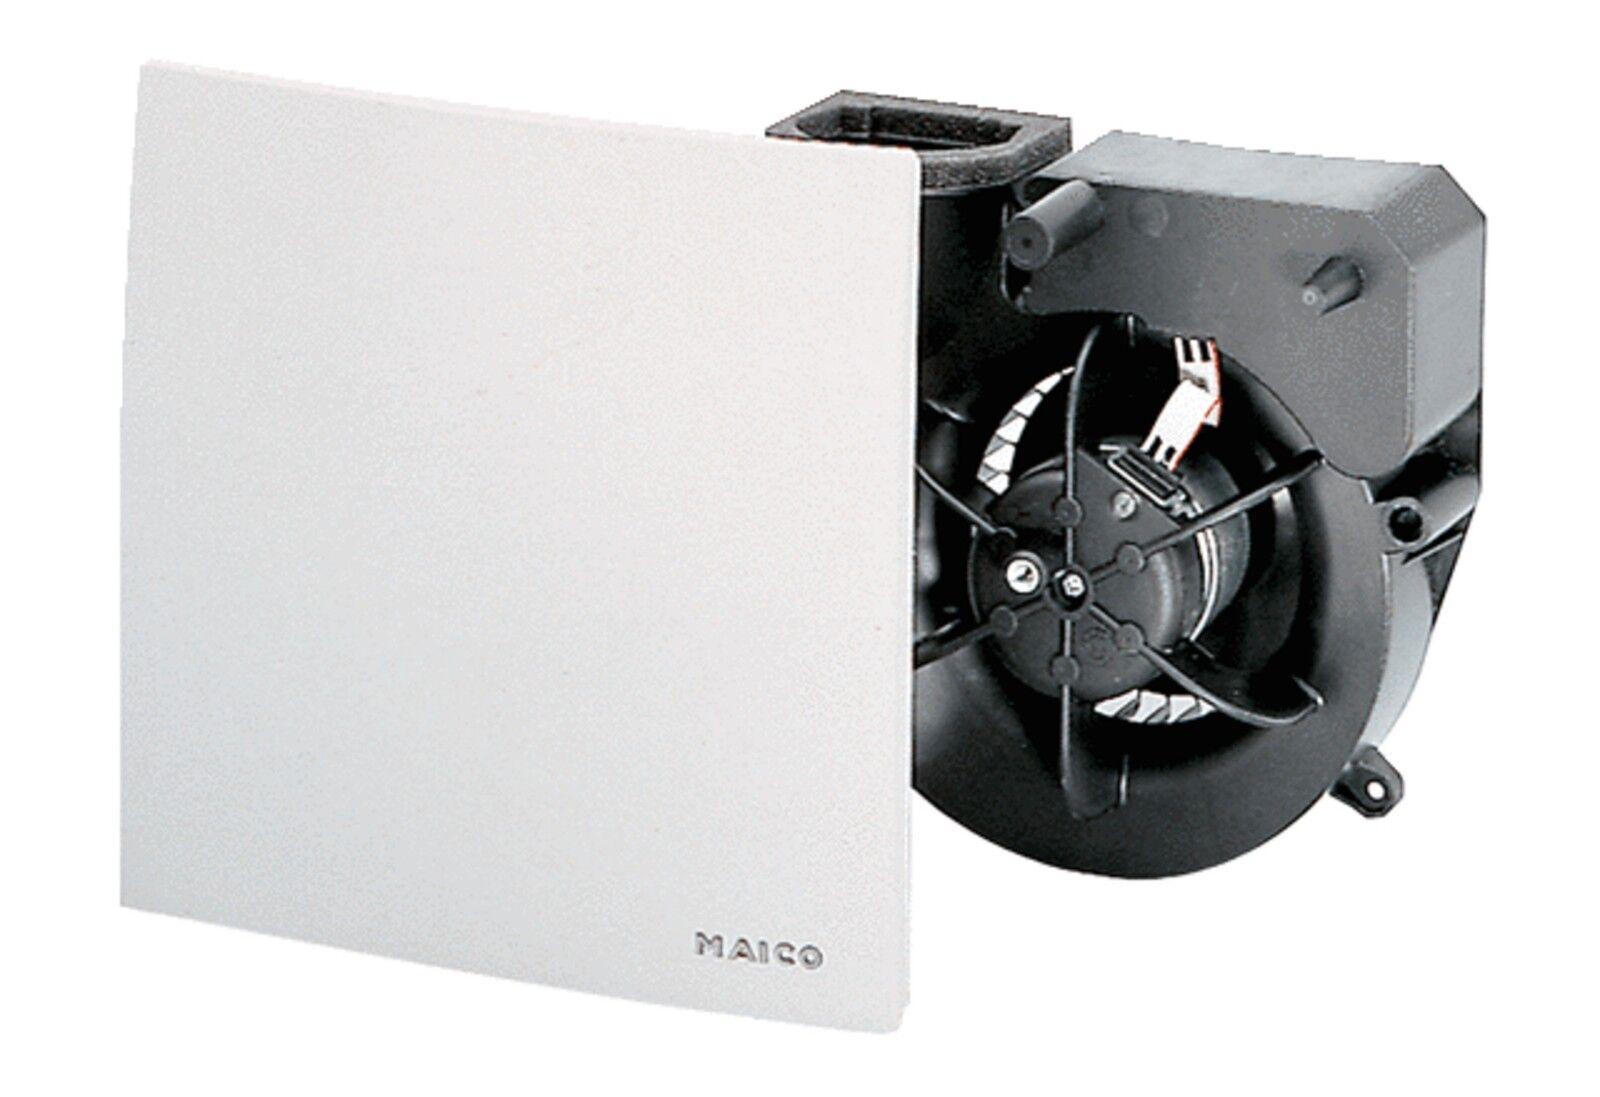 Maico Ventilator Ventilatoreinsatz ER 60 VZ mit Nachlauf ER60 VZ 0084.0101     | Sehr gute Qualität  | Qualität  | Zu verkaufen